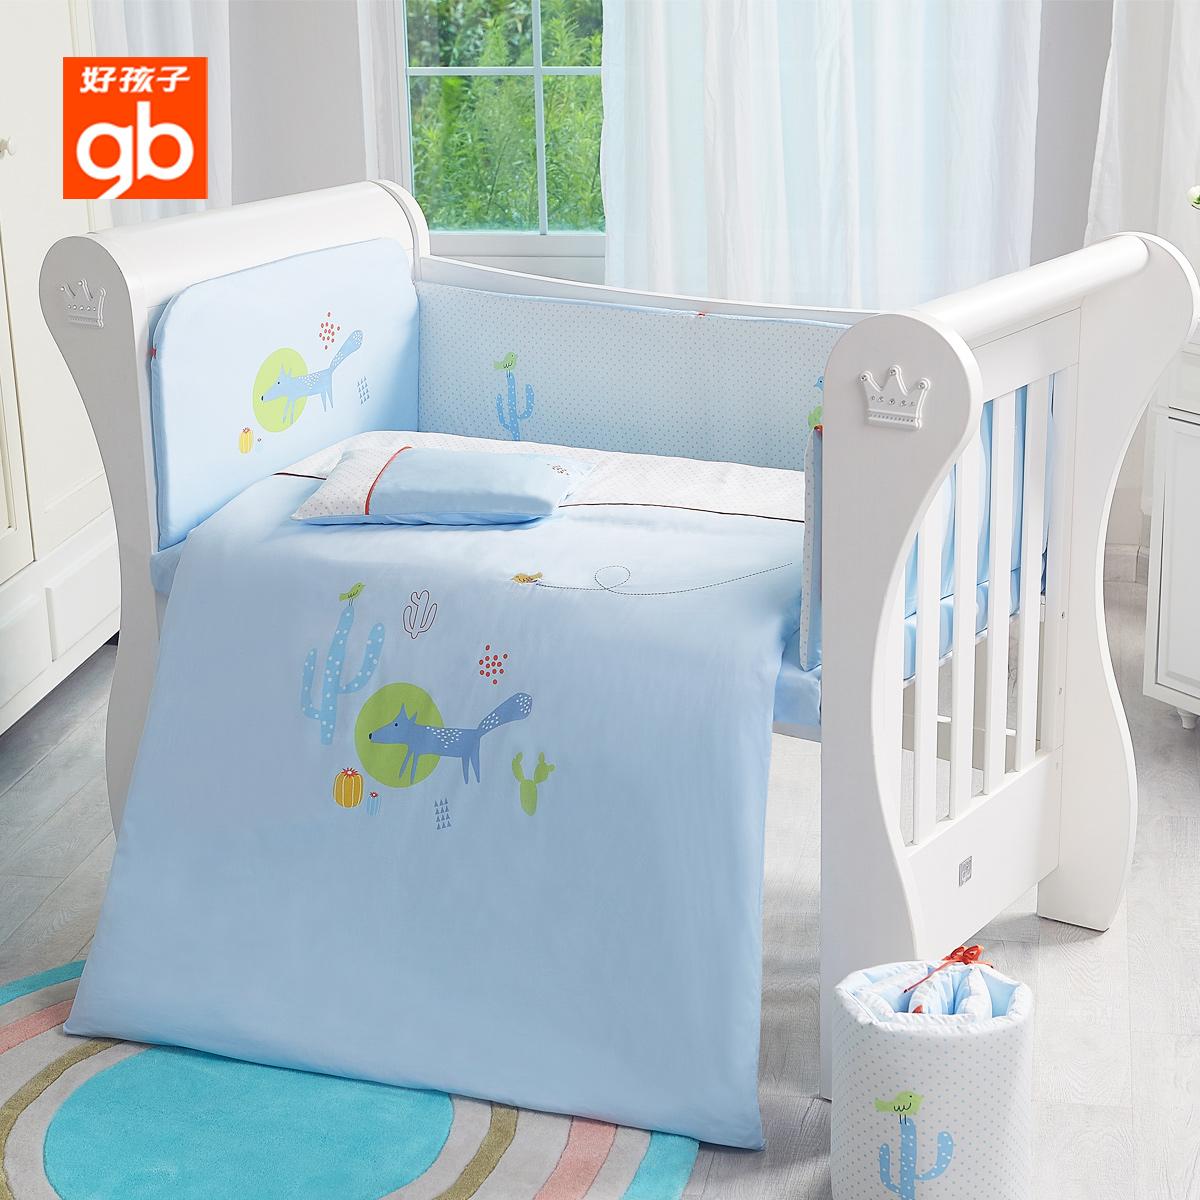 Εντάξει παιδιά μωρό κλινοσκεπάσματα μωρό το κρεβάτι της κρεβάτι μωρό πάπλωμα μαξιλάρι εννέα κομμάτια βαμβάκι